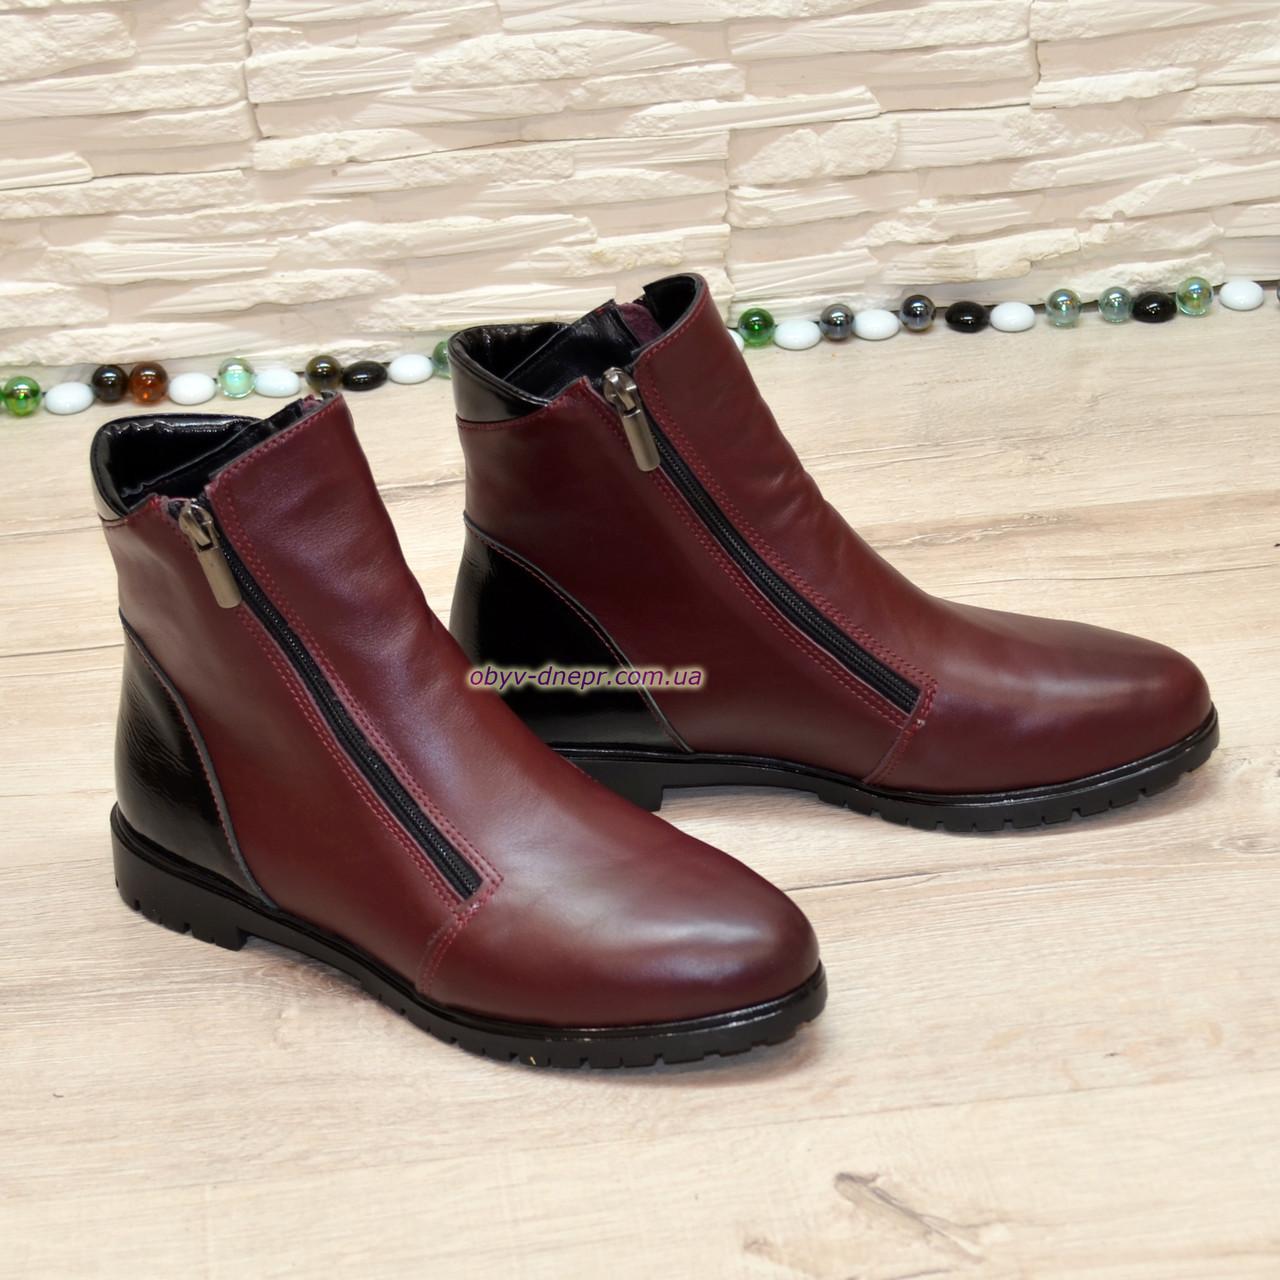 Ботинки комбинированные   на низком ходу, цвет бордо/черный